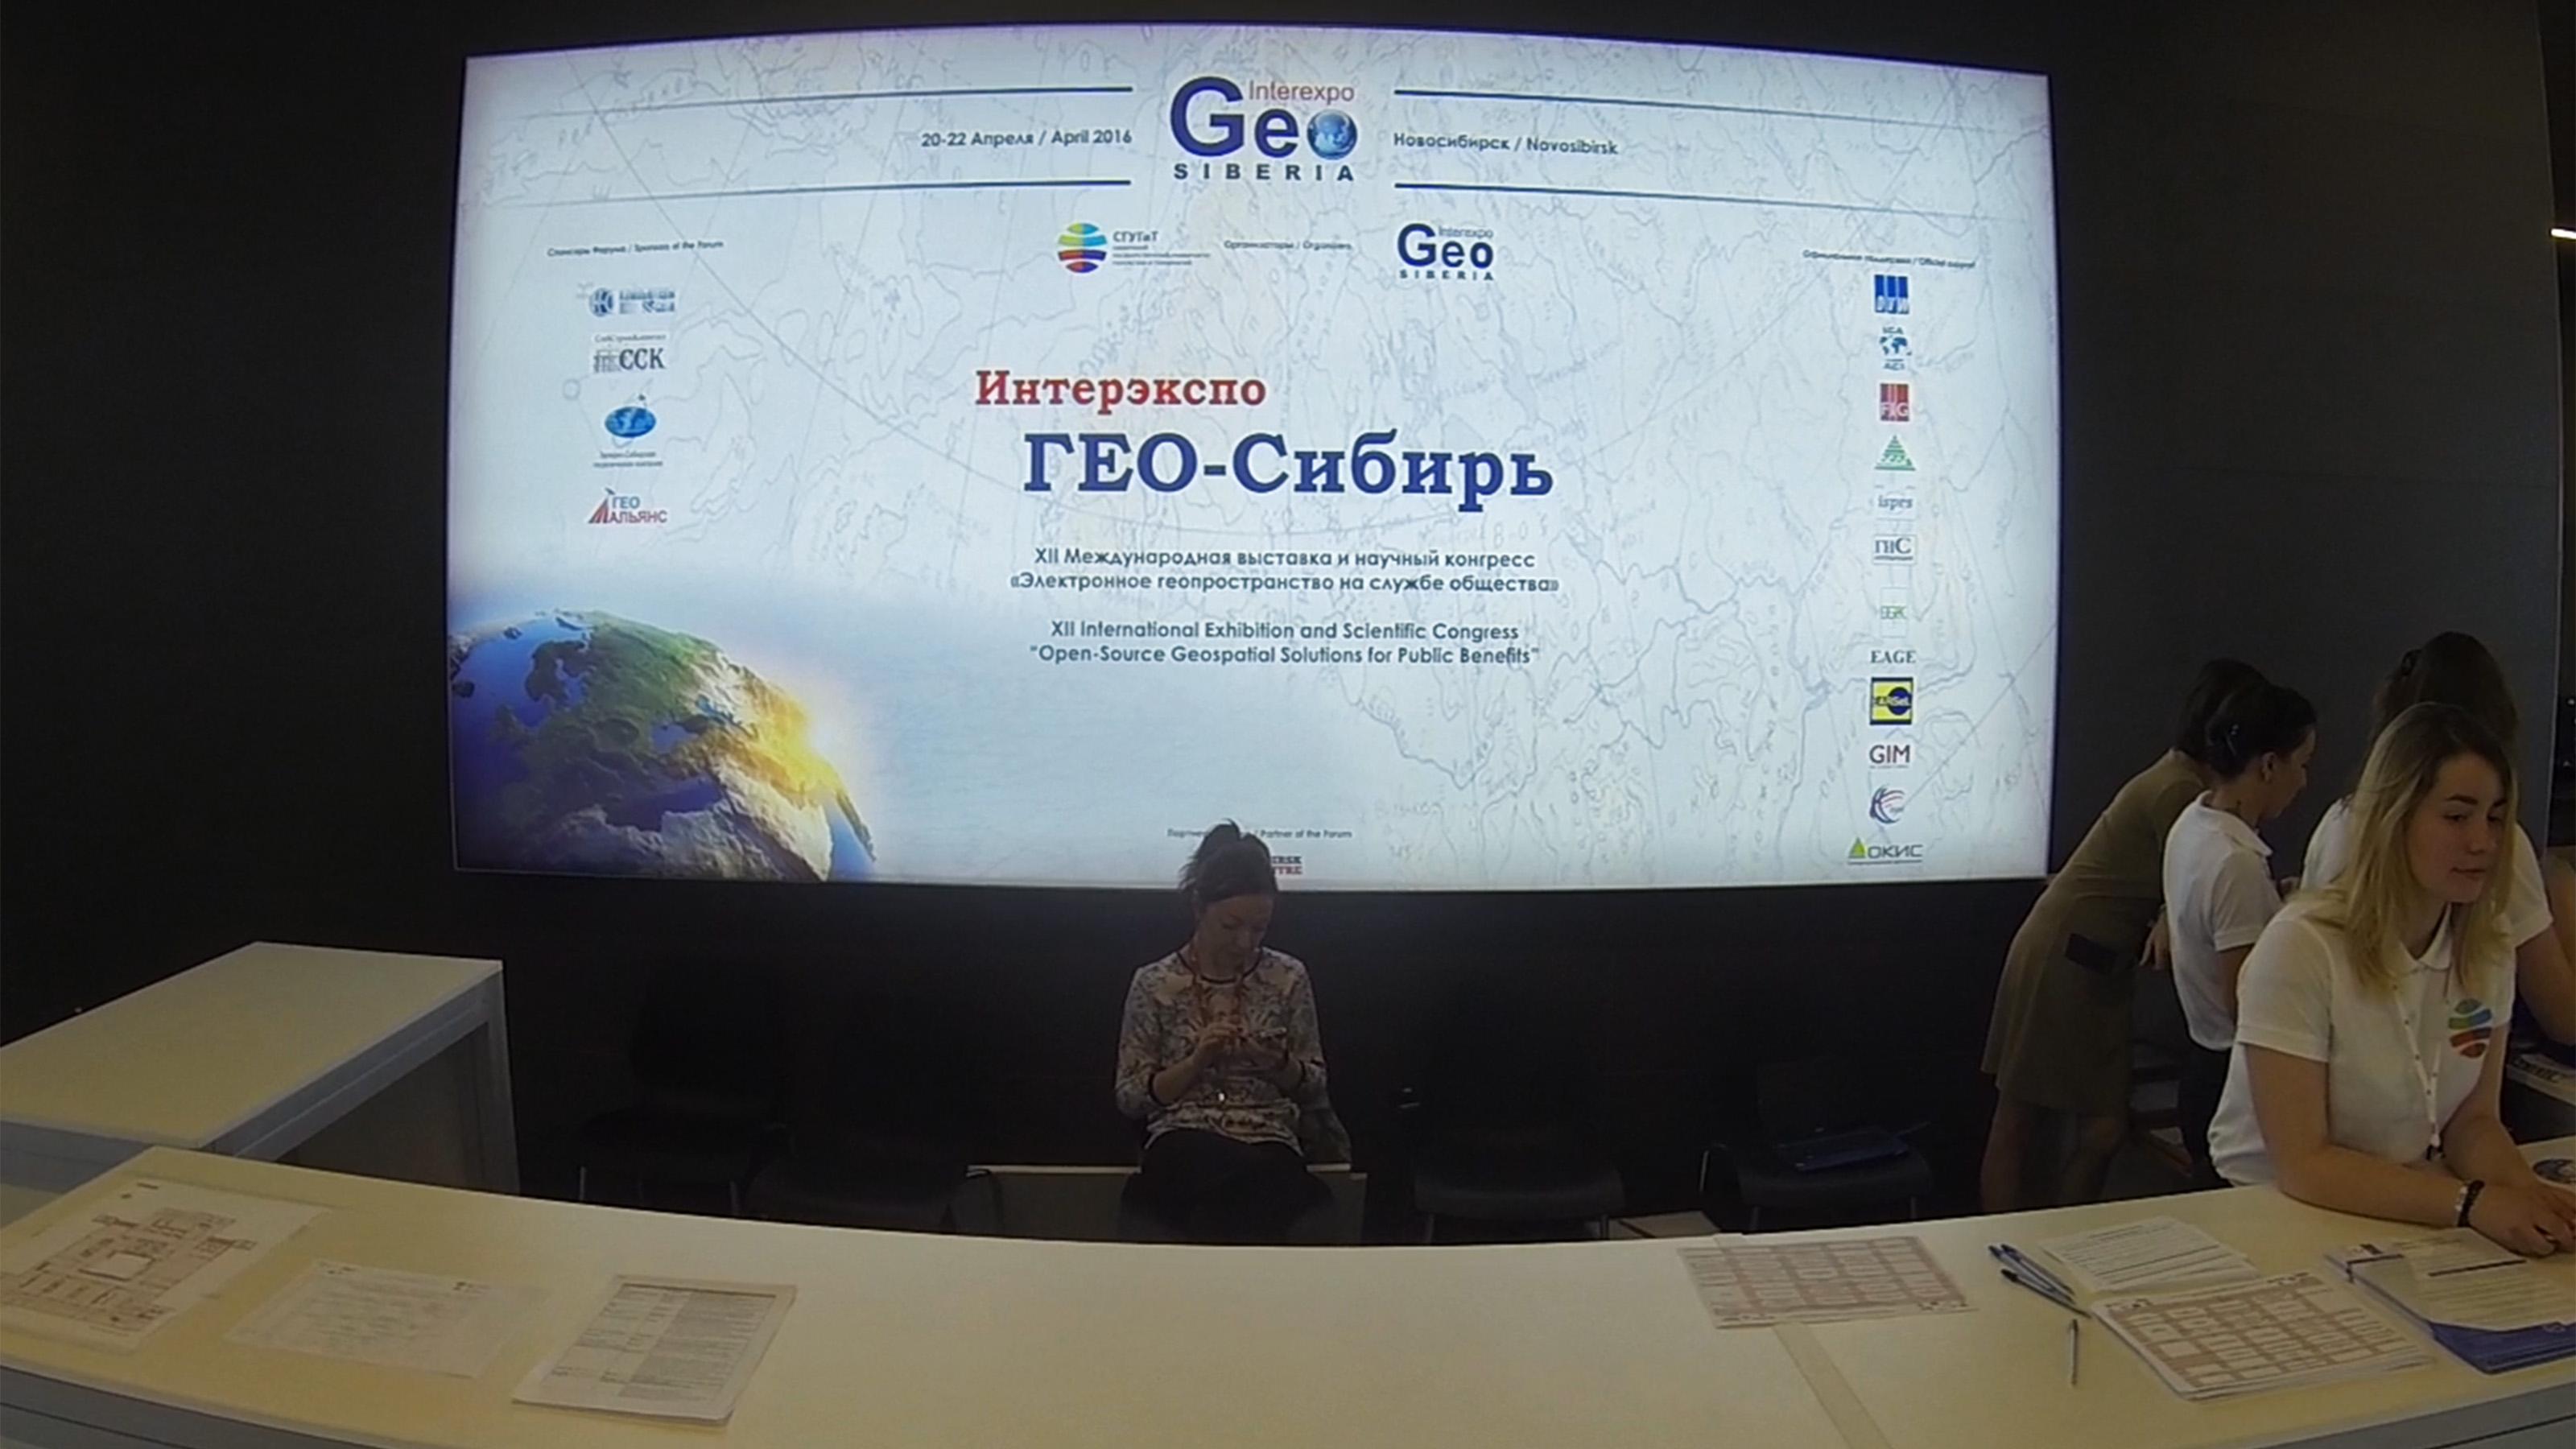 19 мая в Новосибирске стартует международный конгресс «Интерэкспо ГЕО-Сибирь 2021»